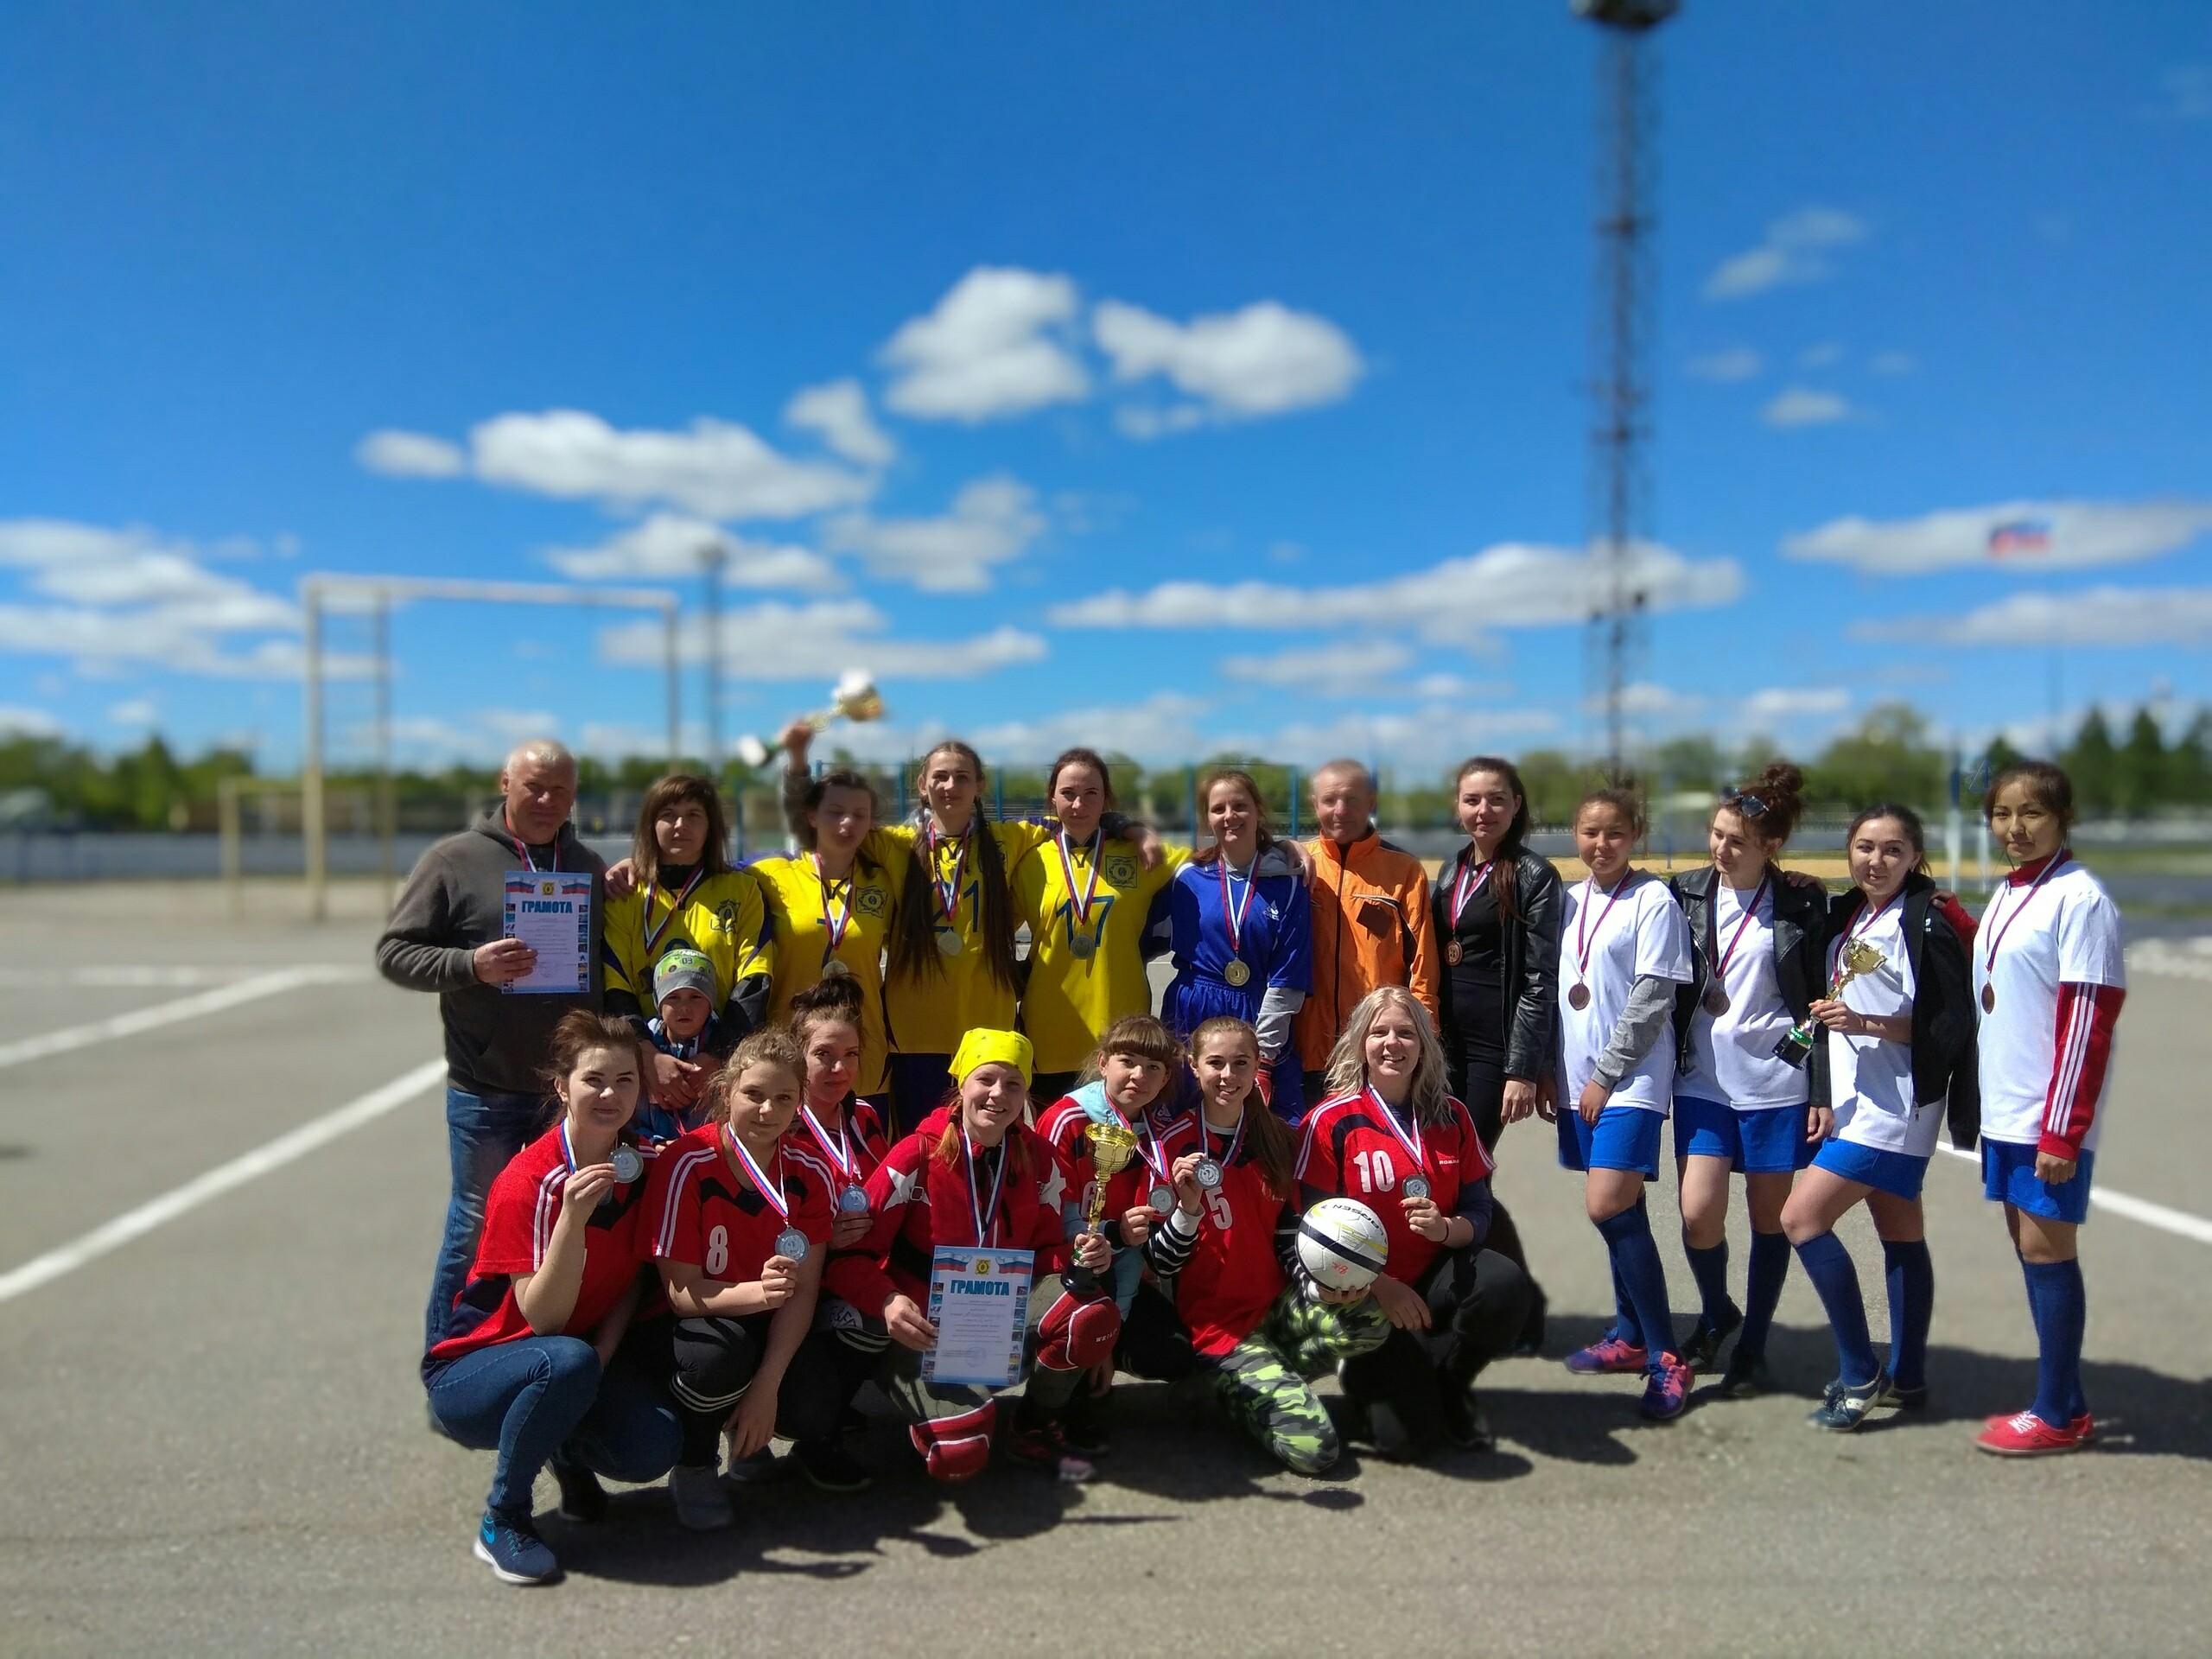 25 мая 2019 года на Спортивном Комплексе «Локомотив» проводились финальные соревнования по мини-футболу среди женских команд сельских поселений в зачет 13 спартакиады Карталинского района. В соревнованиях приняло участие 9 команд.